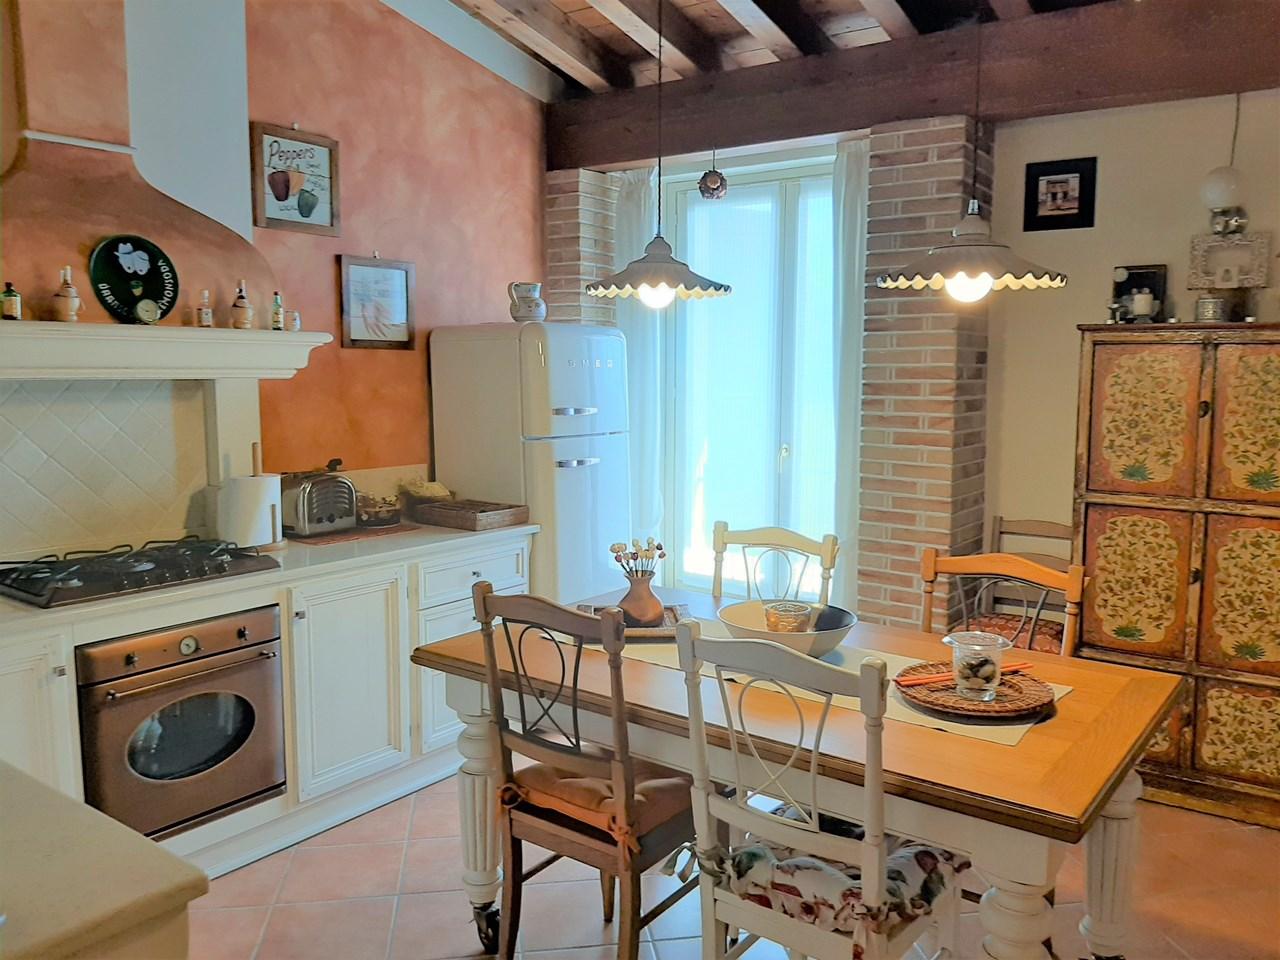 Appartamento da ristrutturare post_categories_options/property_options.data.interior_decoration.data.20 in vendita Rif. 11189460